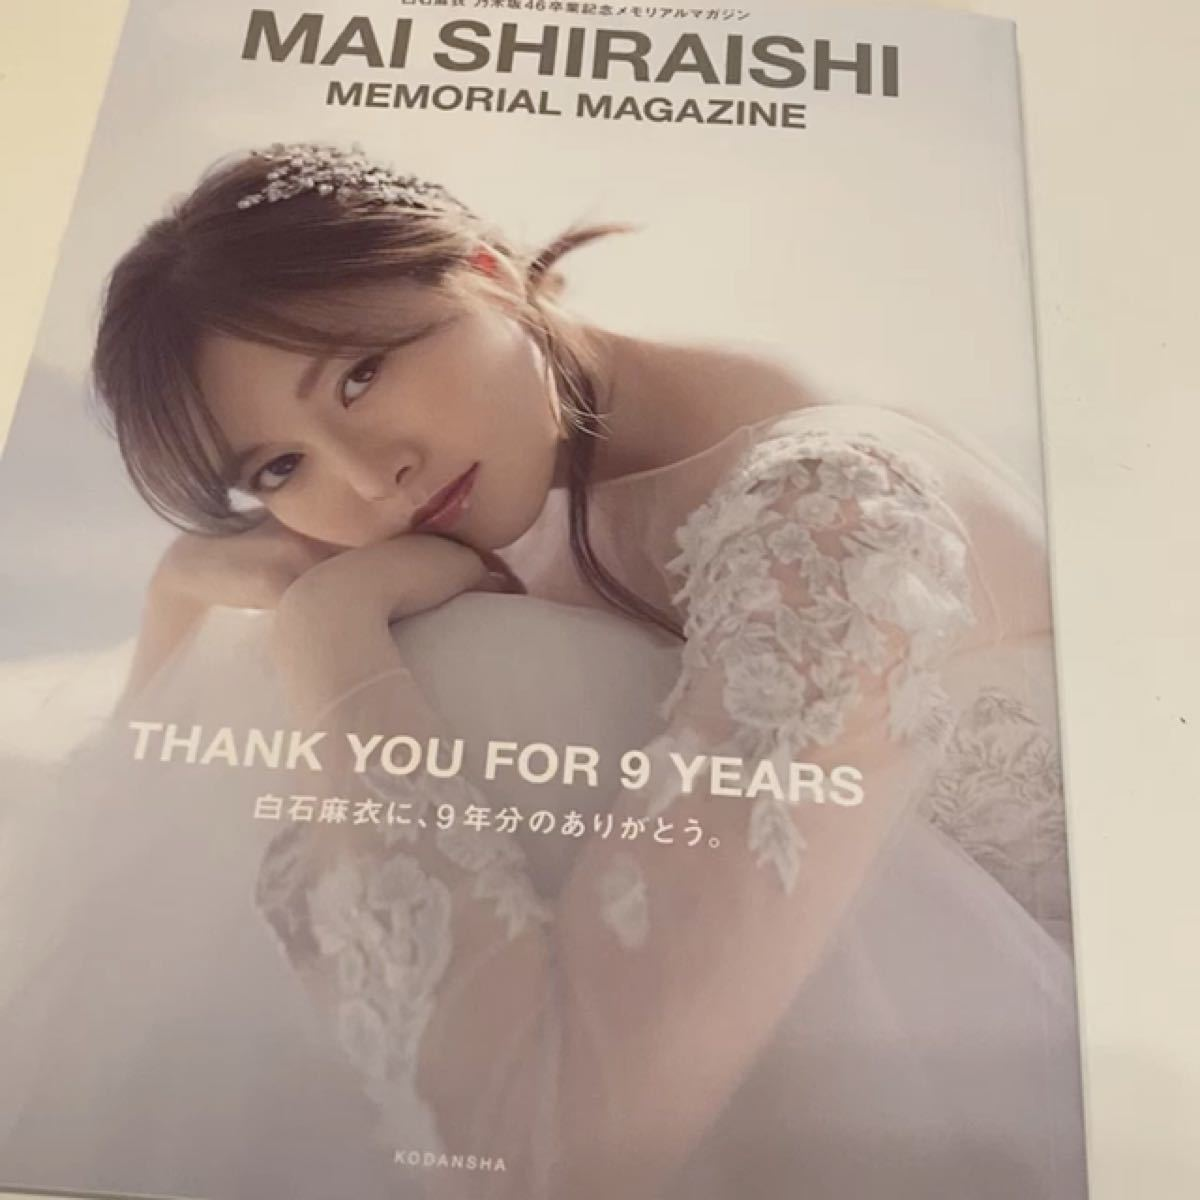 白石麻衣 卒業記念 メモリアルマガジン オフショット写真集 ポストカードのおまけつき!